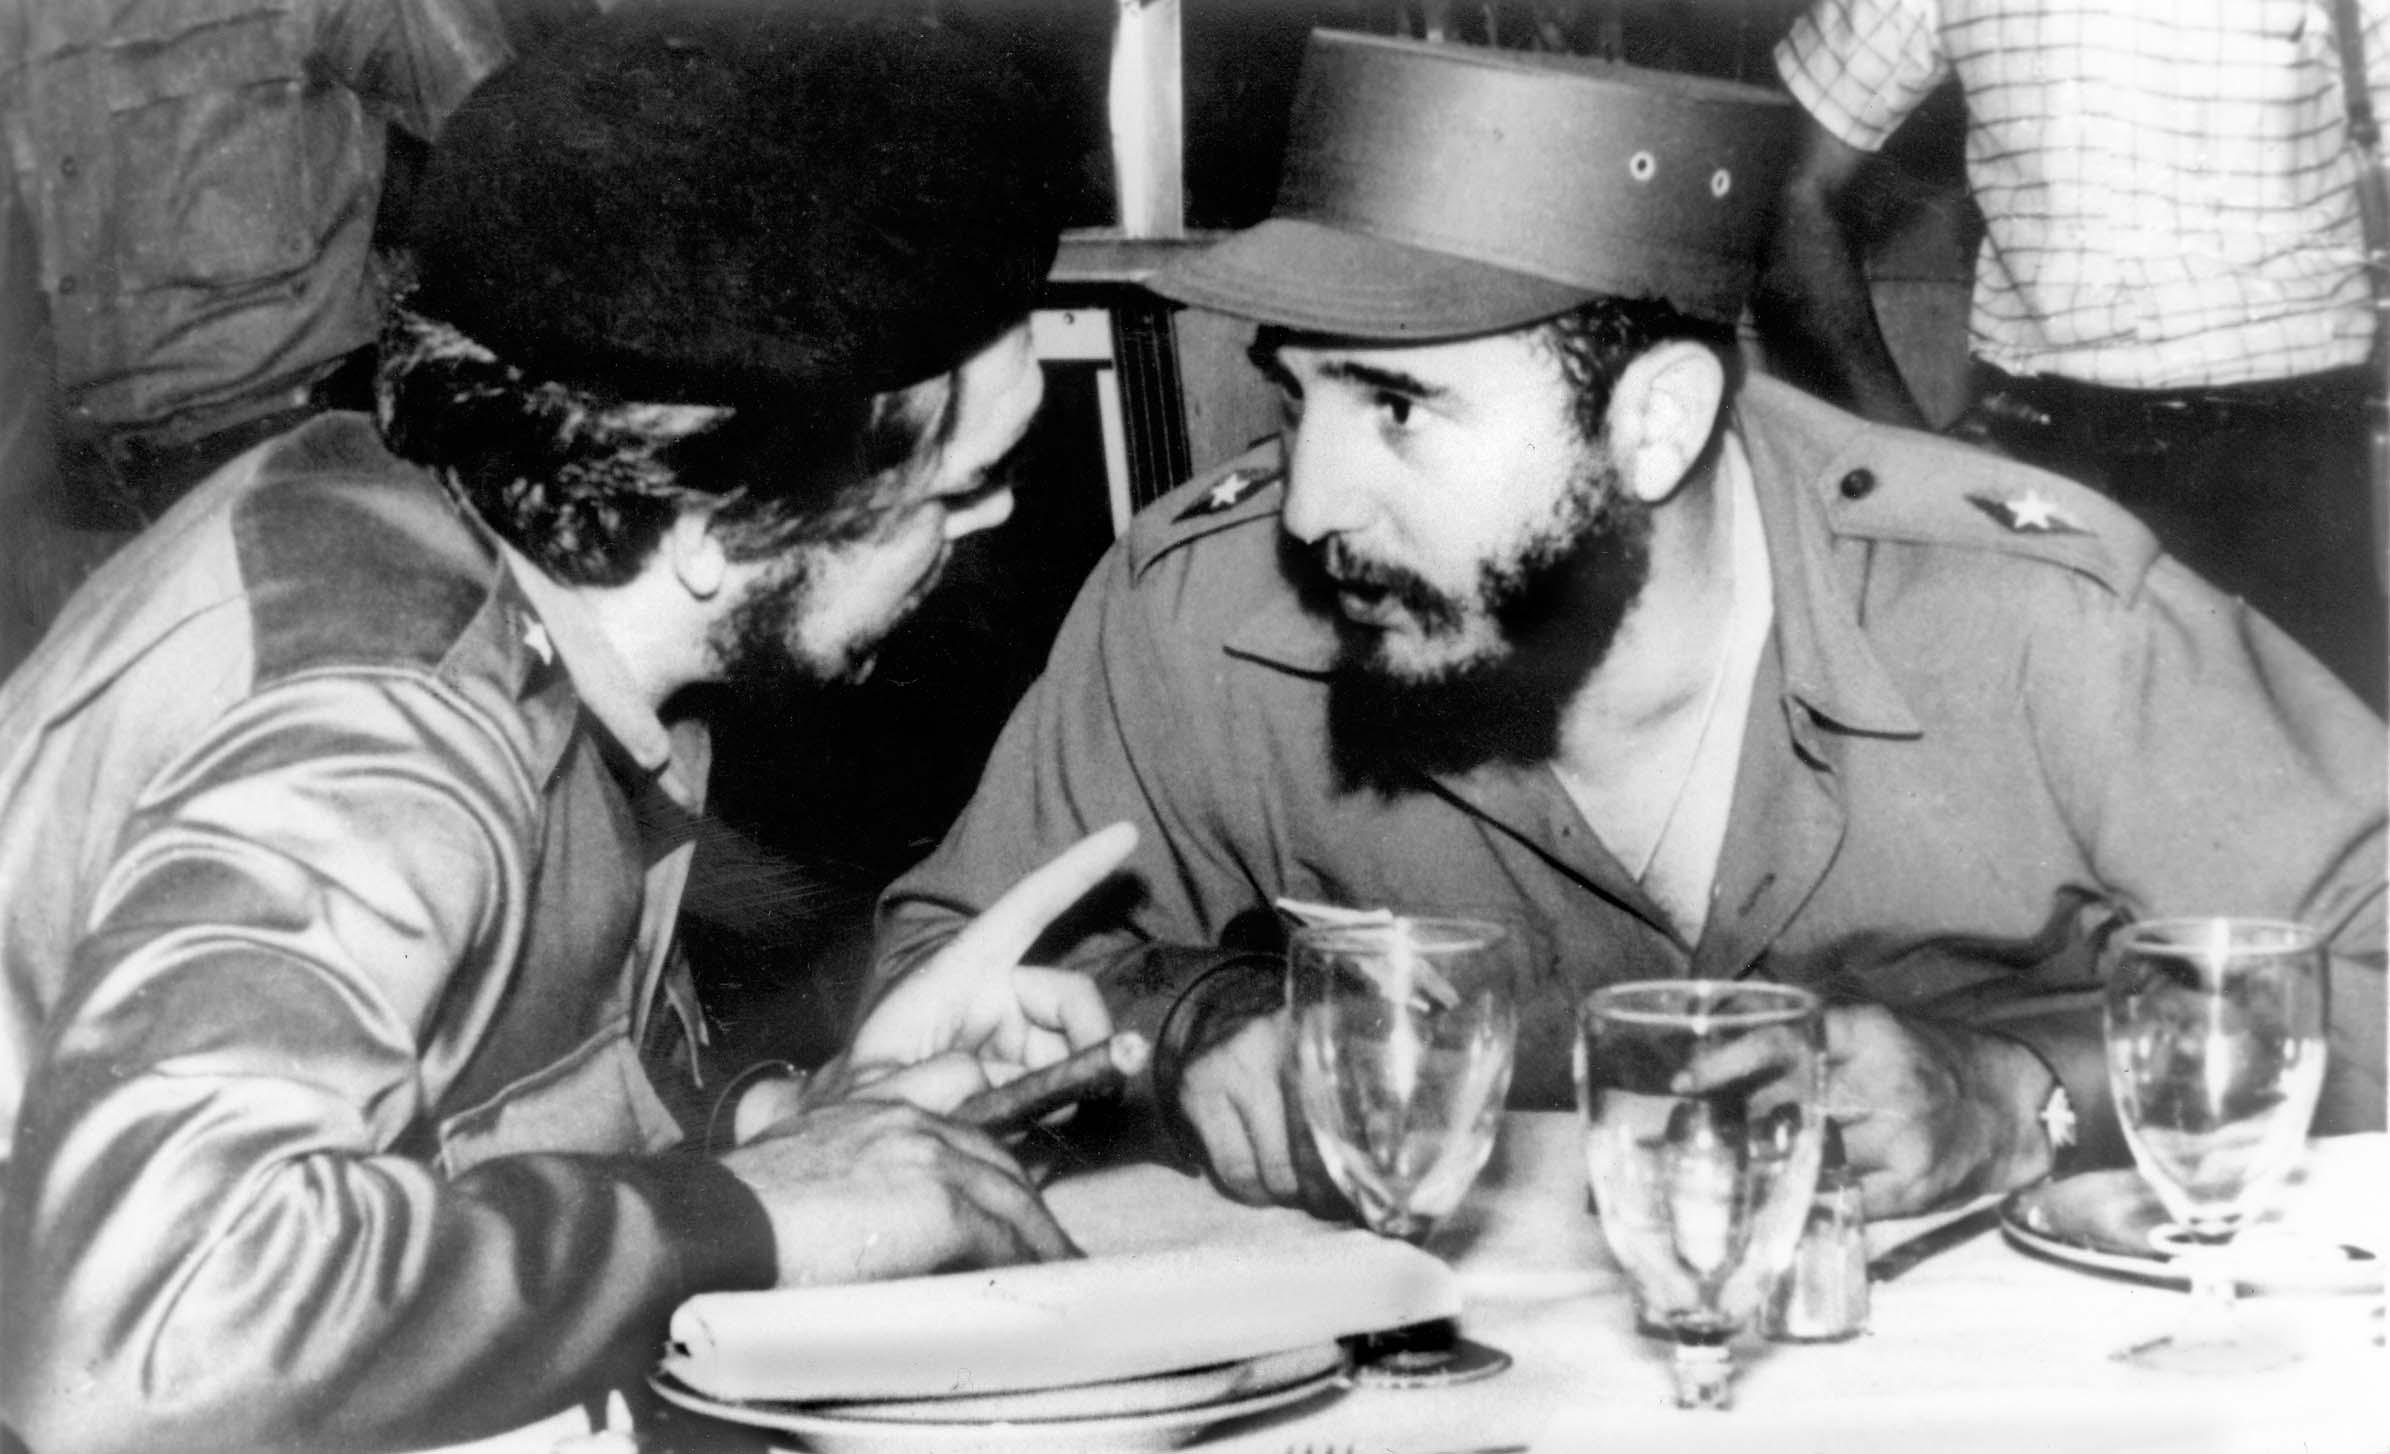 Despedida ofrecida por Fidel Castro al Che antes de la partida a un extenso recorrido por naciones africanas y asiáticas. La Habana 12 de junio de 1959